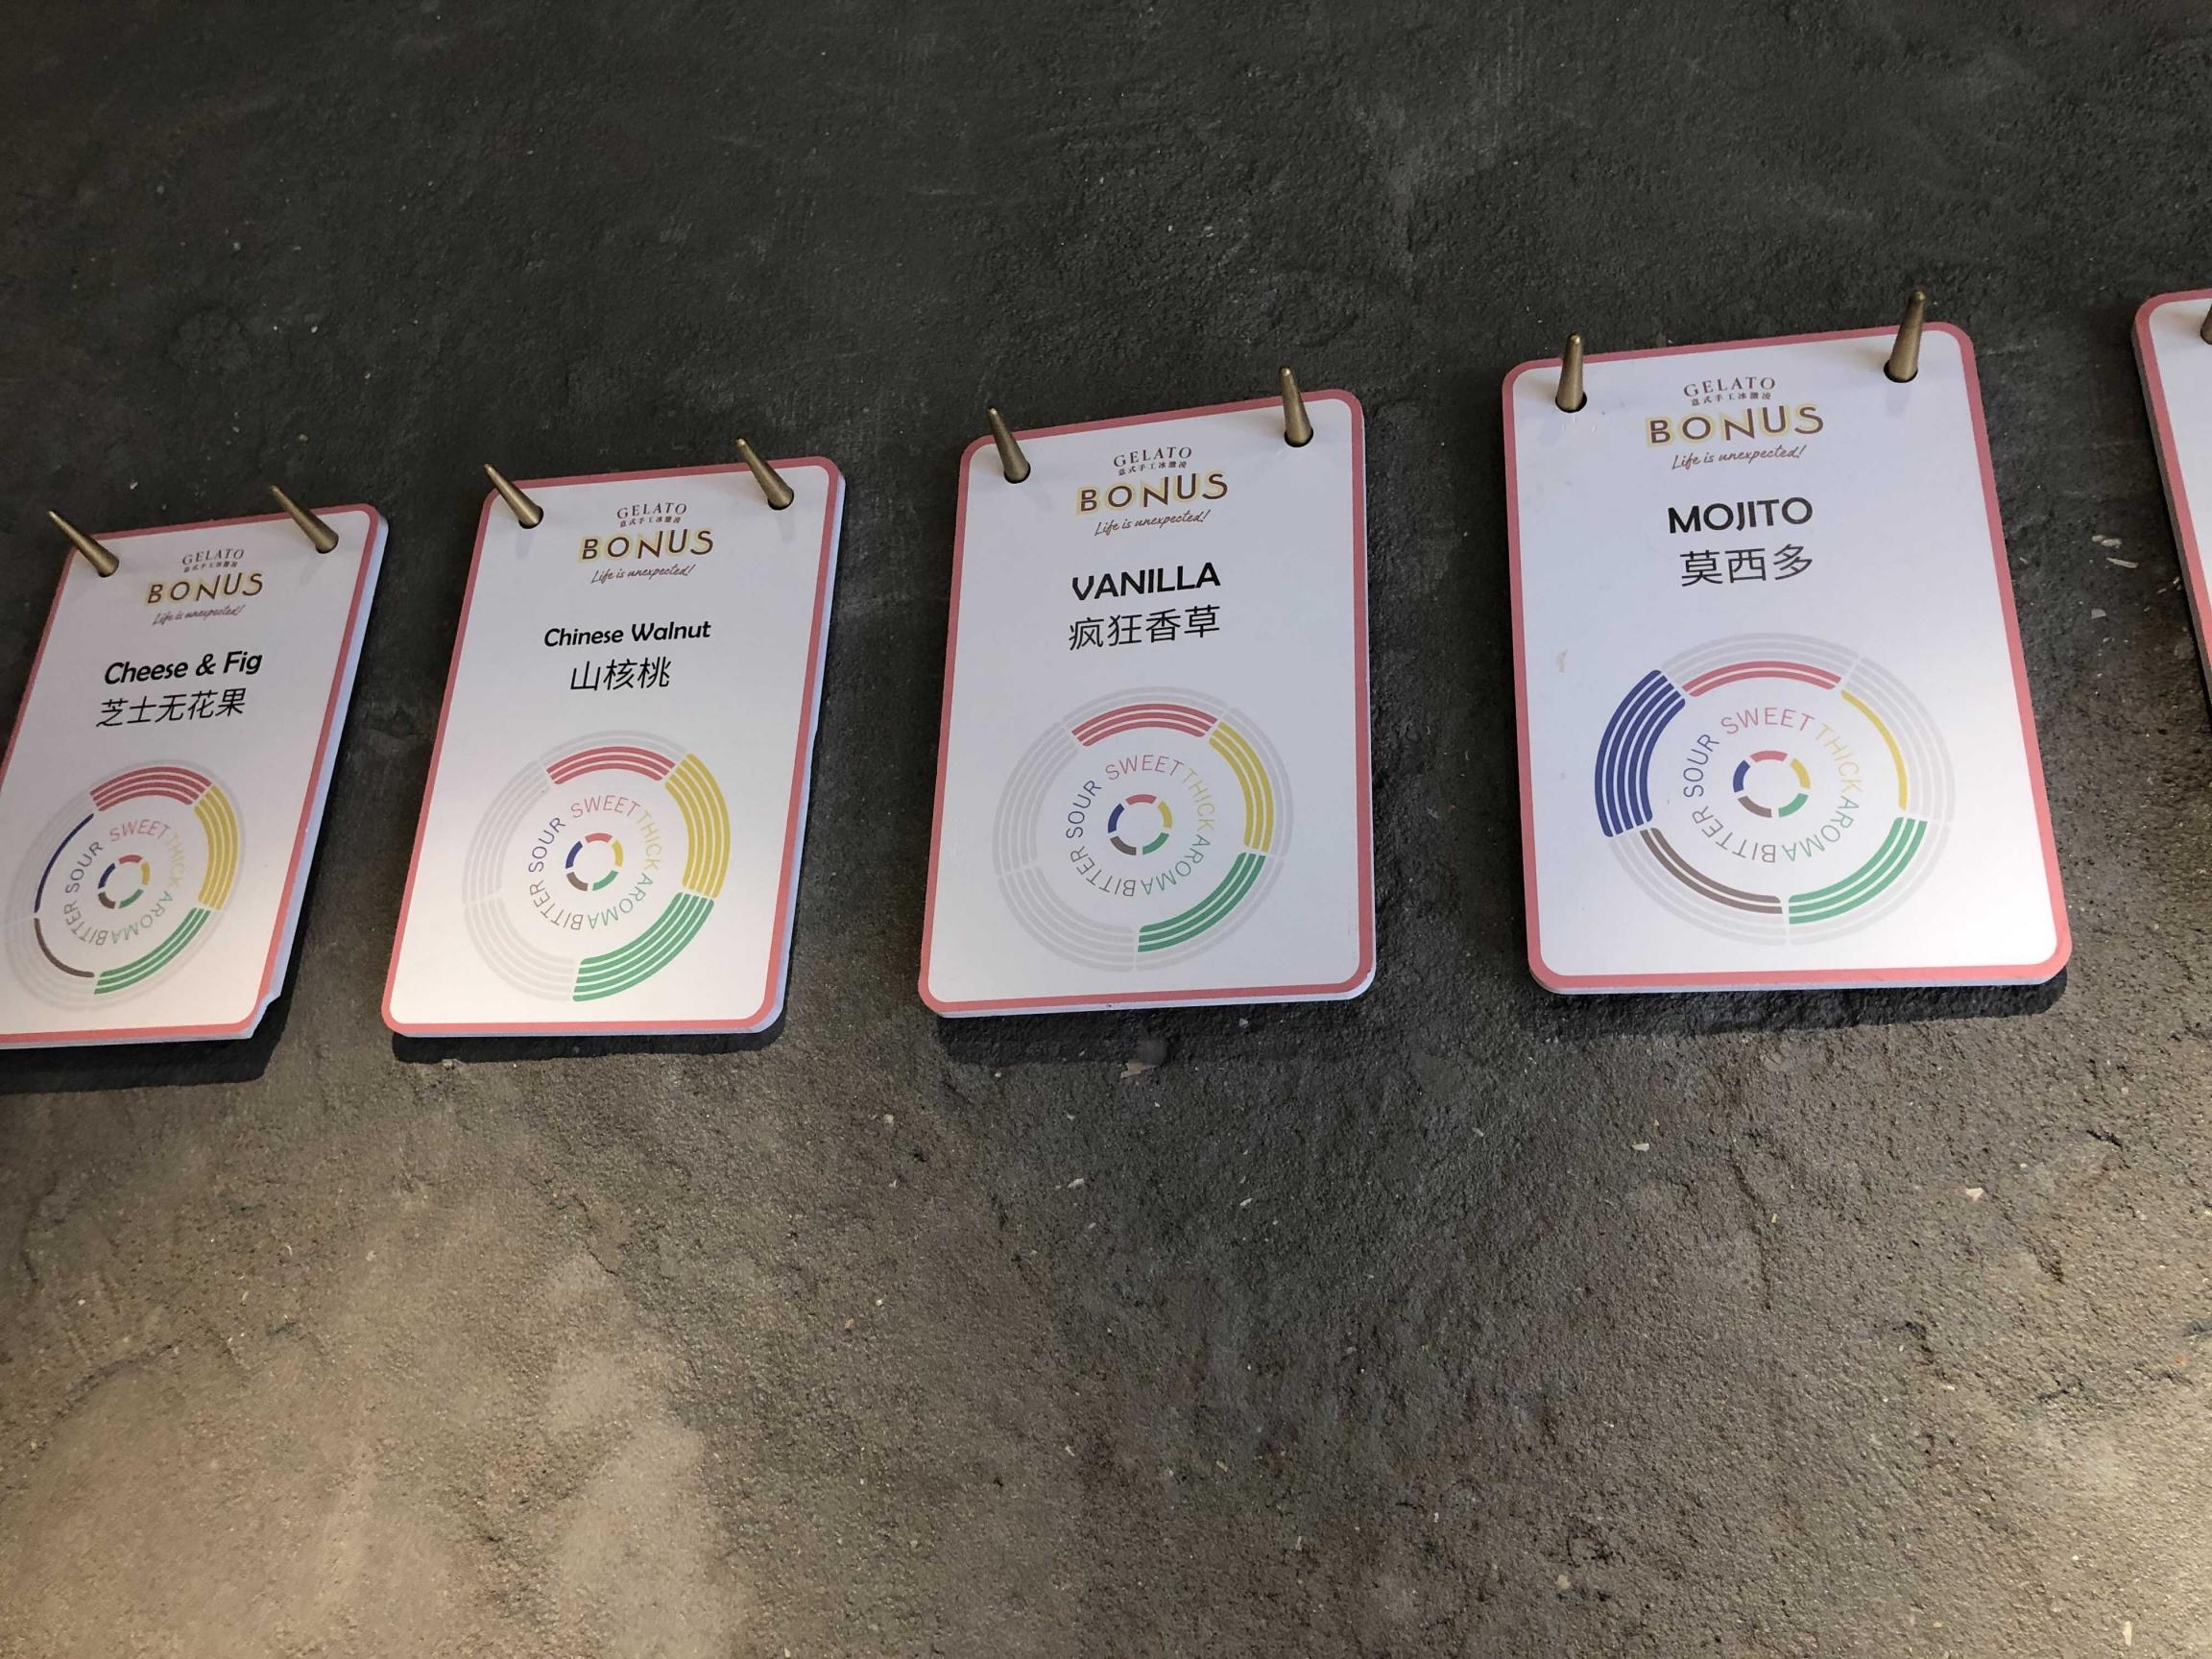 Placards of ice cream flavors at Gelato Bonus in China